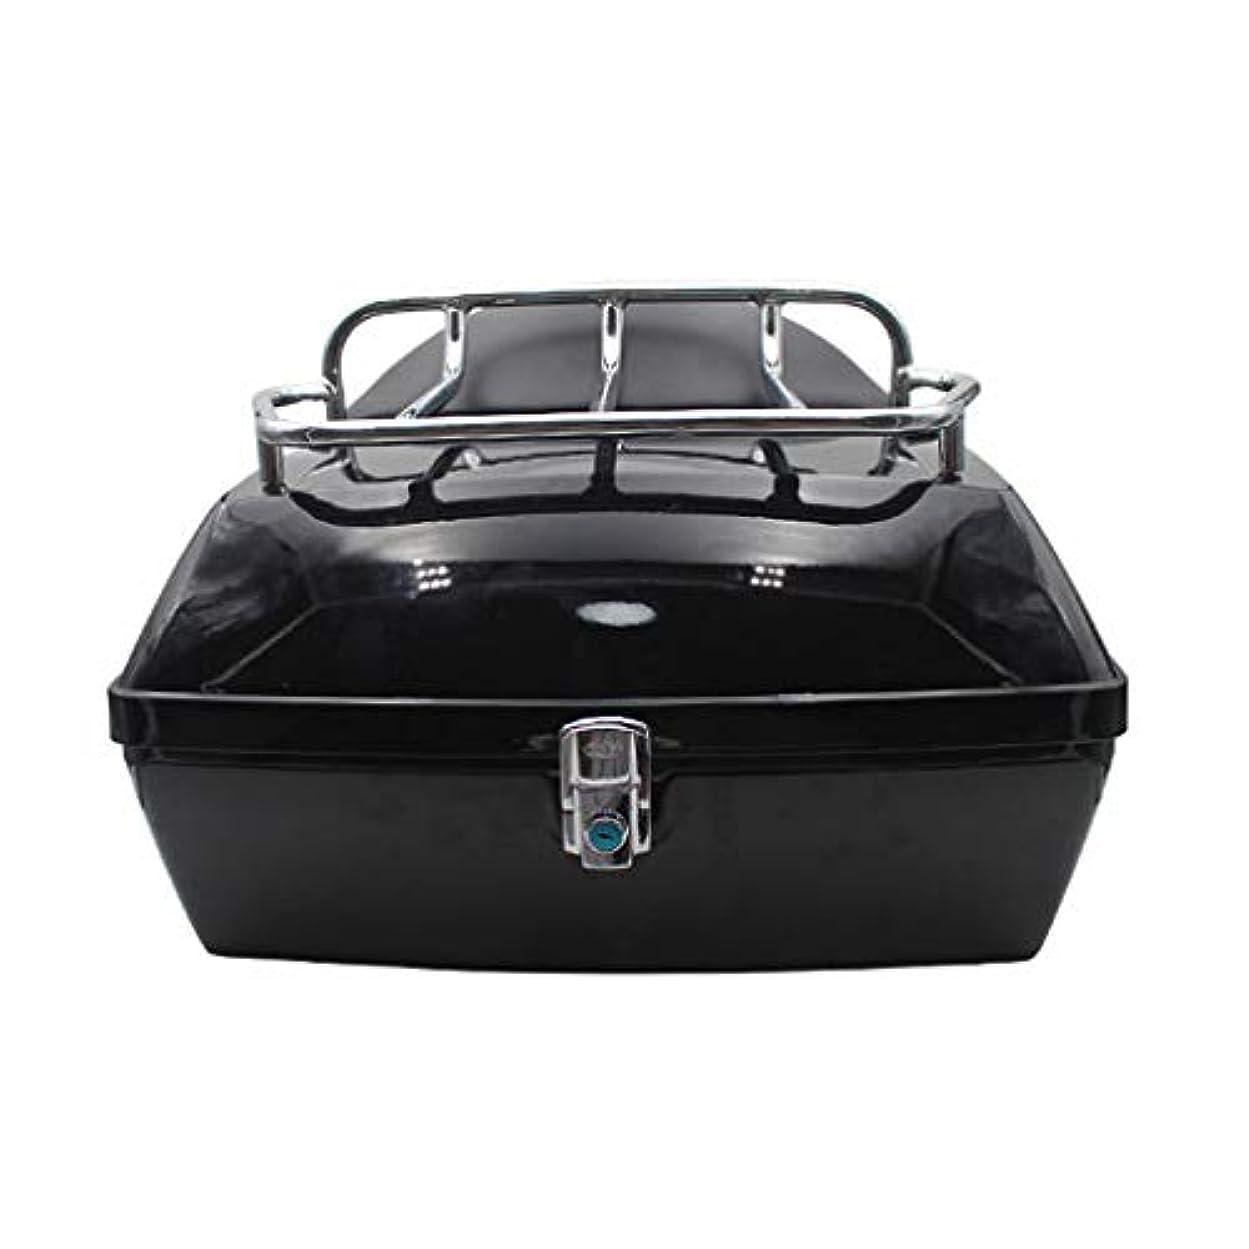 代表するピカリング制限オートバイのテールボックス、棚付き背もたれ付き48 L電気自動車トランク、ユニバーサルバイクトランクヘルメット収納ボックス